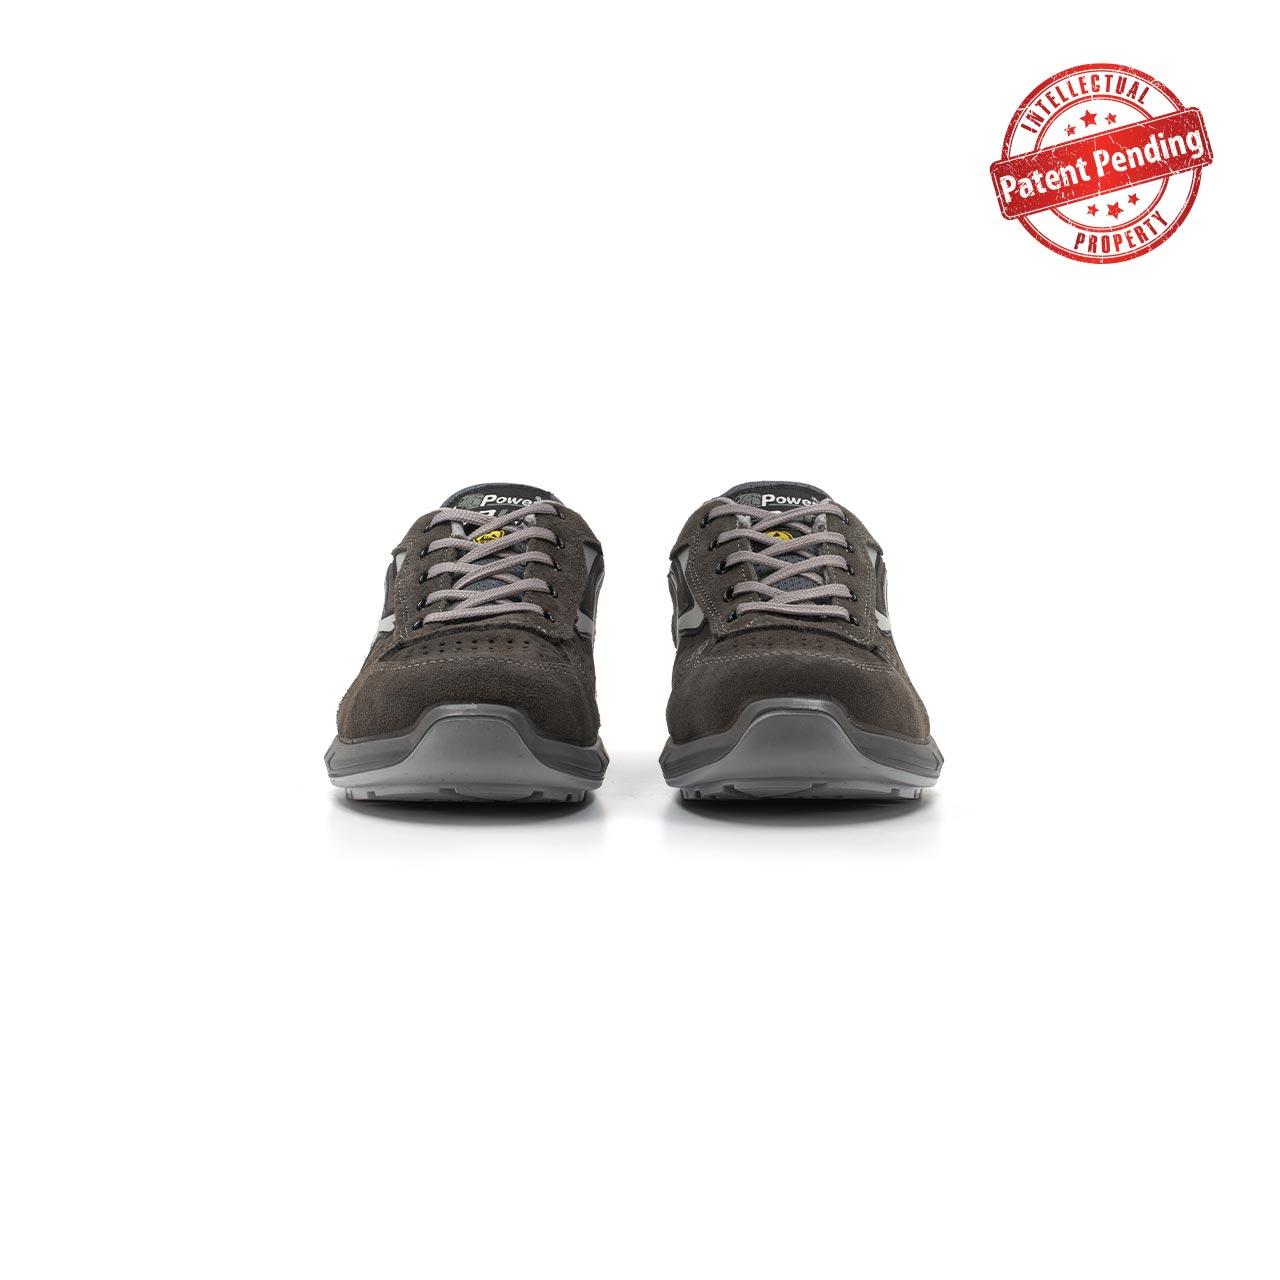 paio di scarpe antinfortunistiche upower modello rigel plus linea redup plus vista frontale